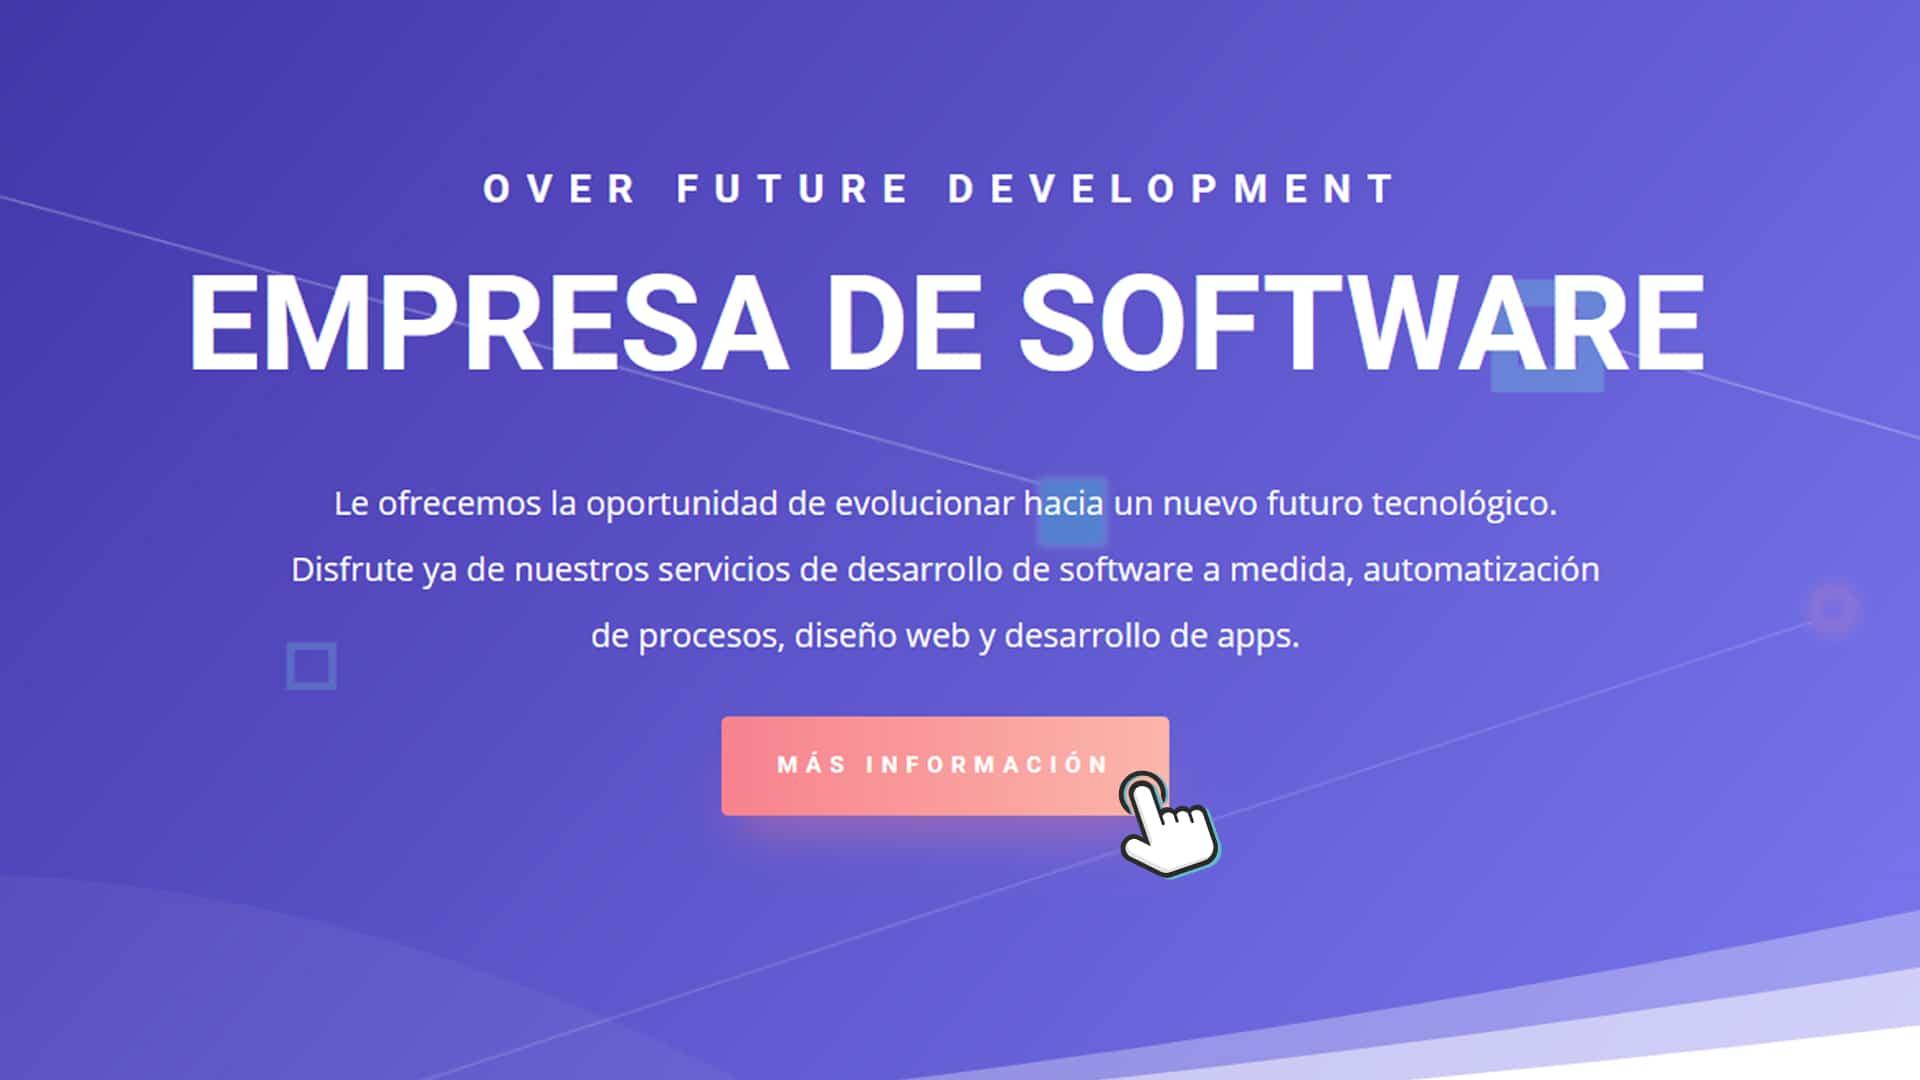 Over Future Development es una nueva marca comercial y empresa de software